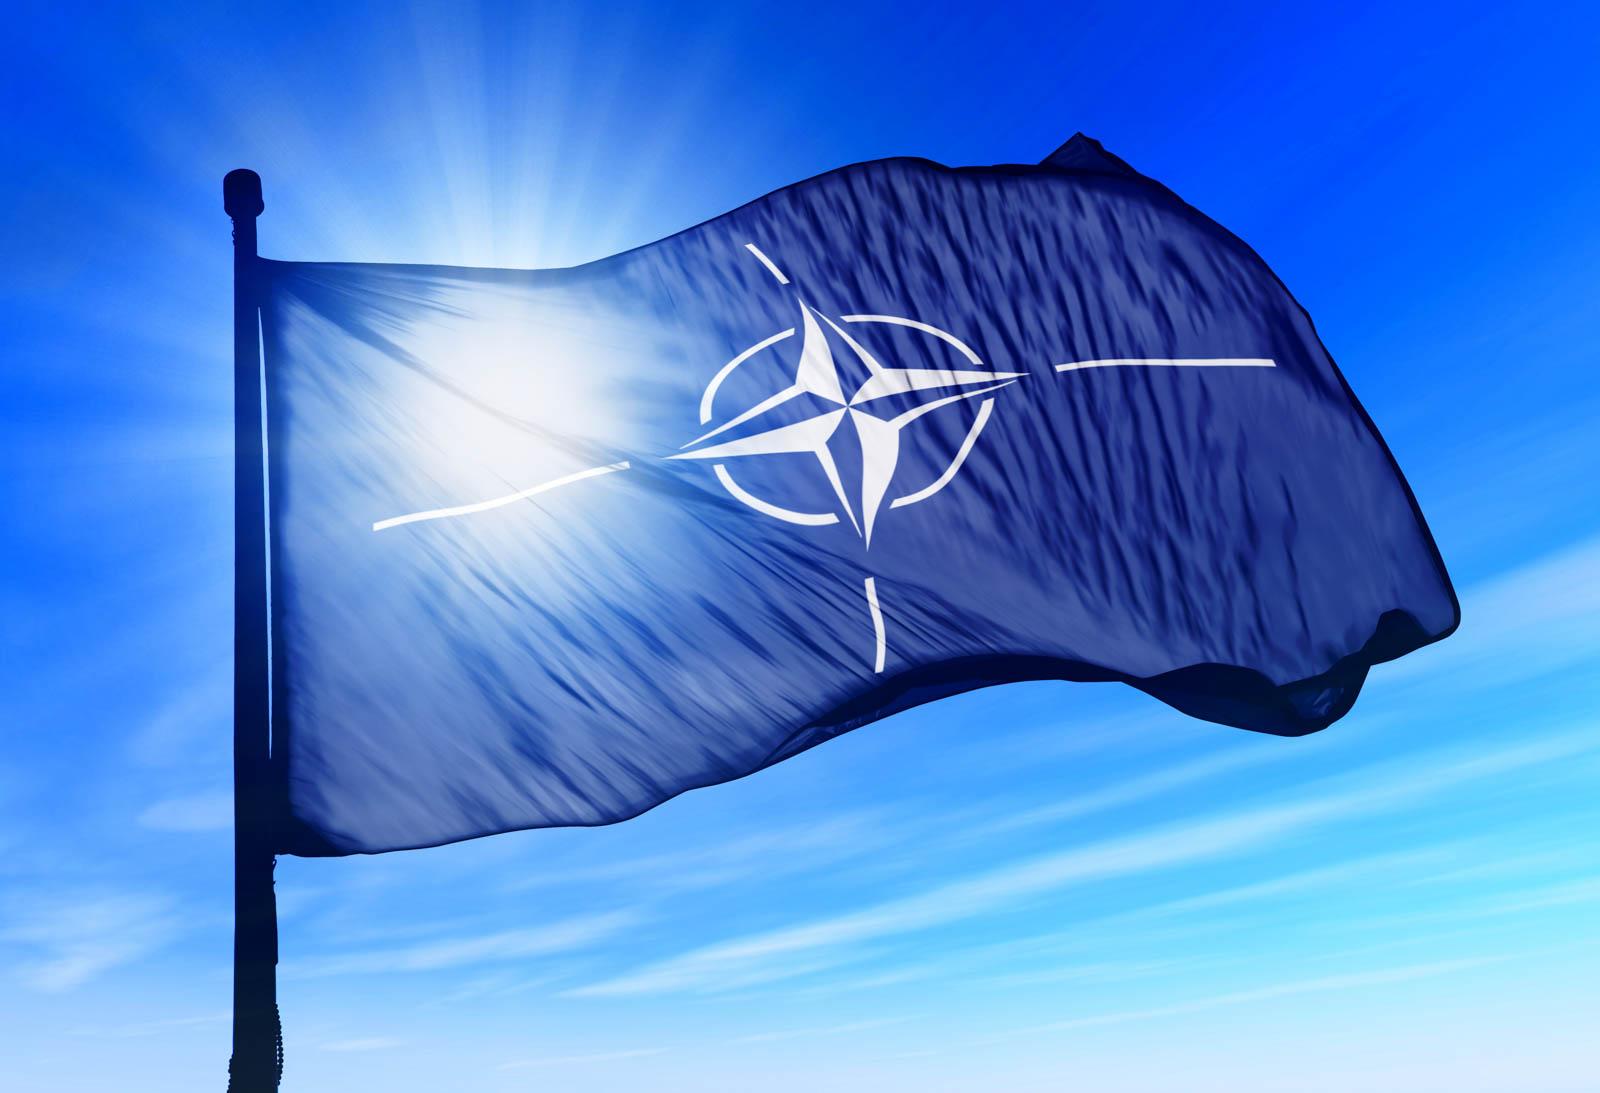 В Генштабе рассказали о провокациях НАТО у российских границ